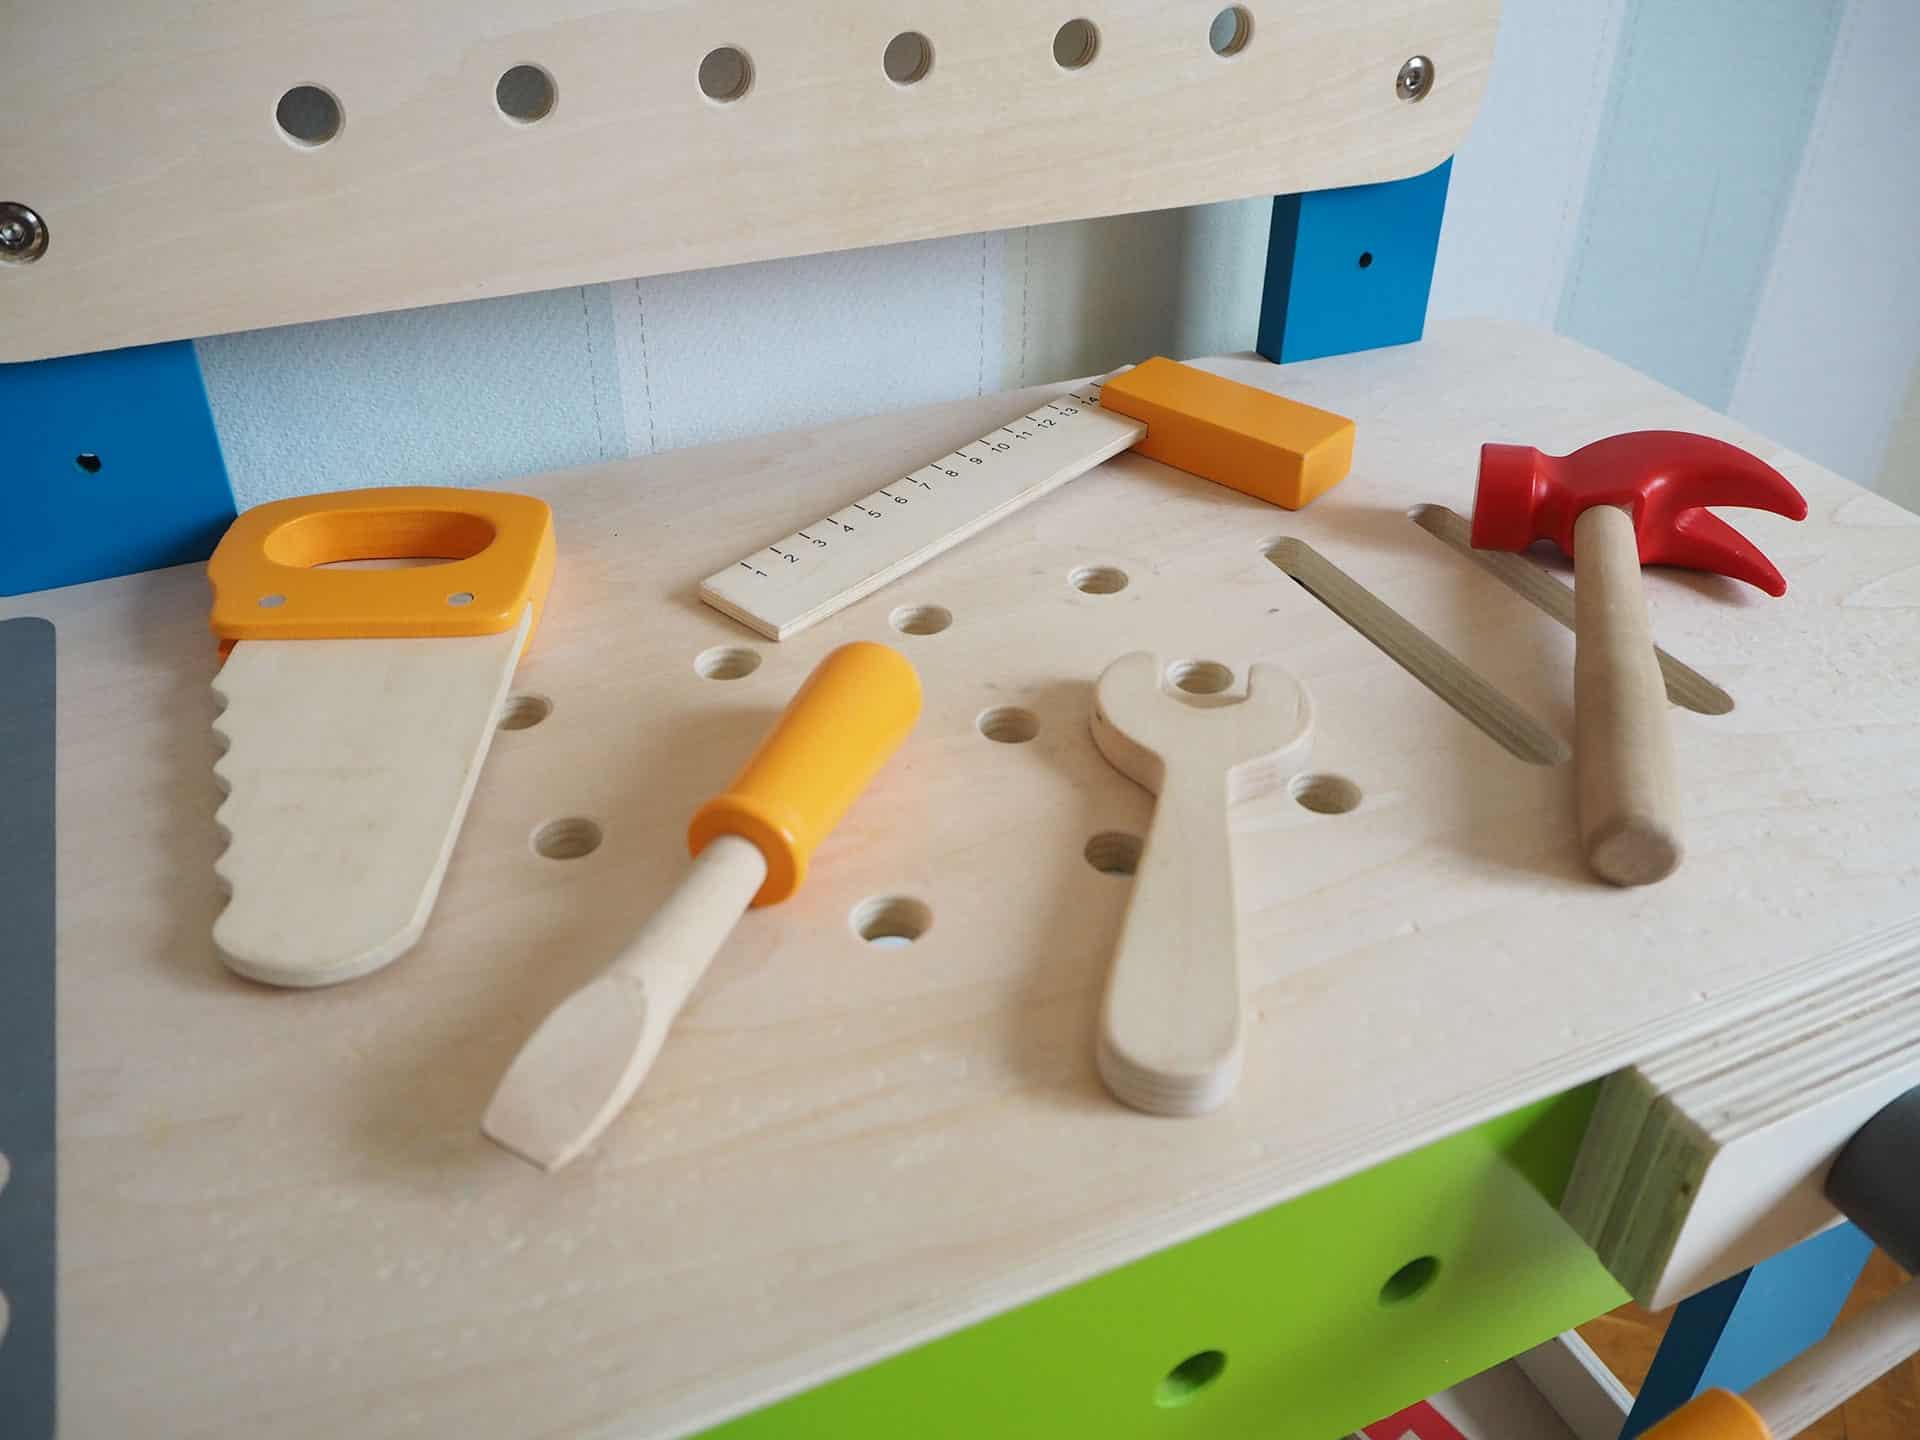 Die Arbeitsplatte mit Werkzeug der Hape Werkbank für Kinder